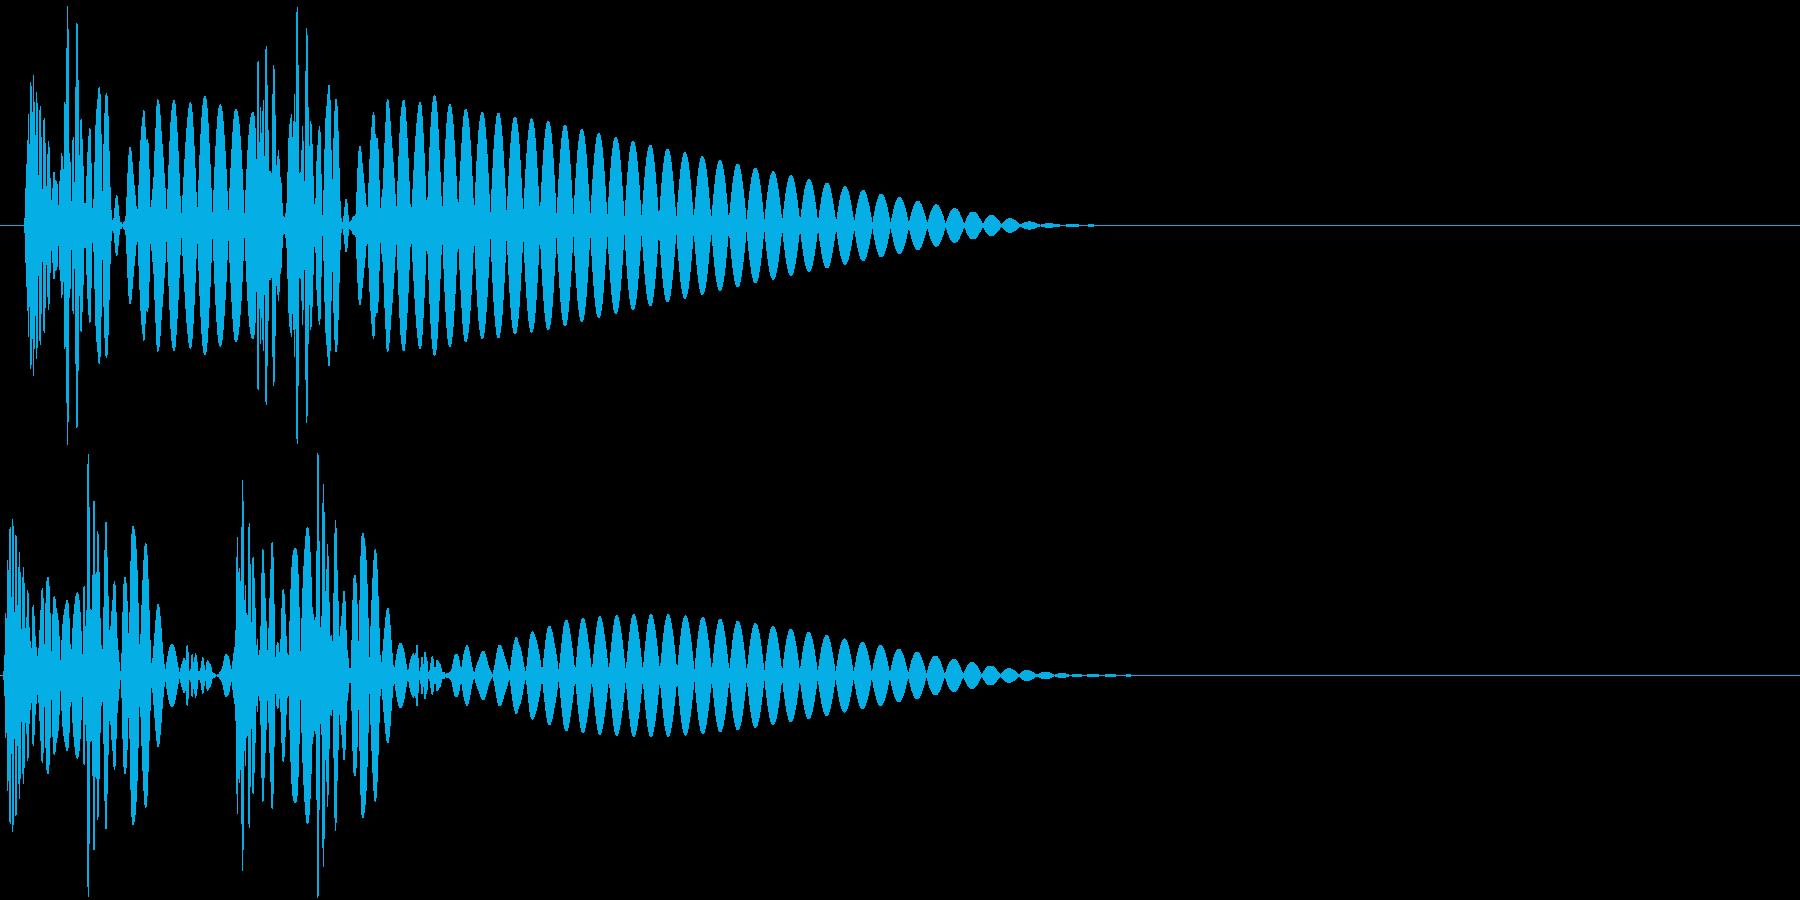 HeartBeat 心臓の音 2 単発の再生済みの波形